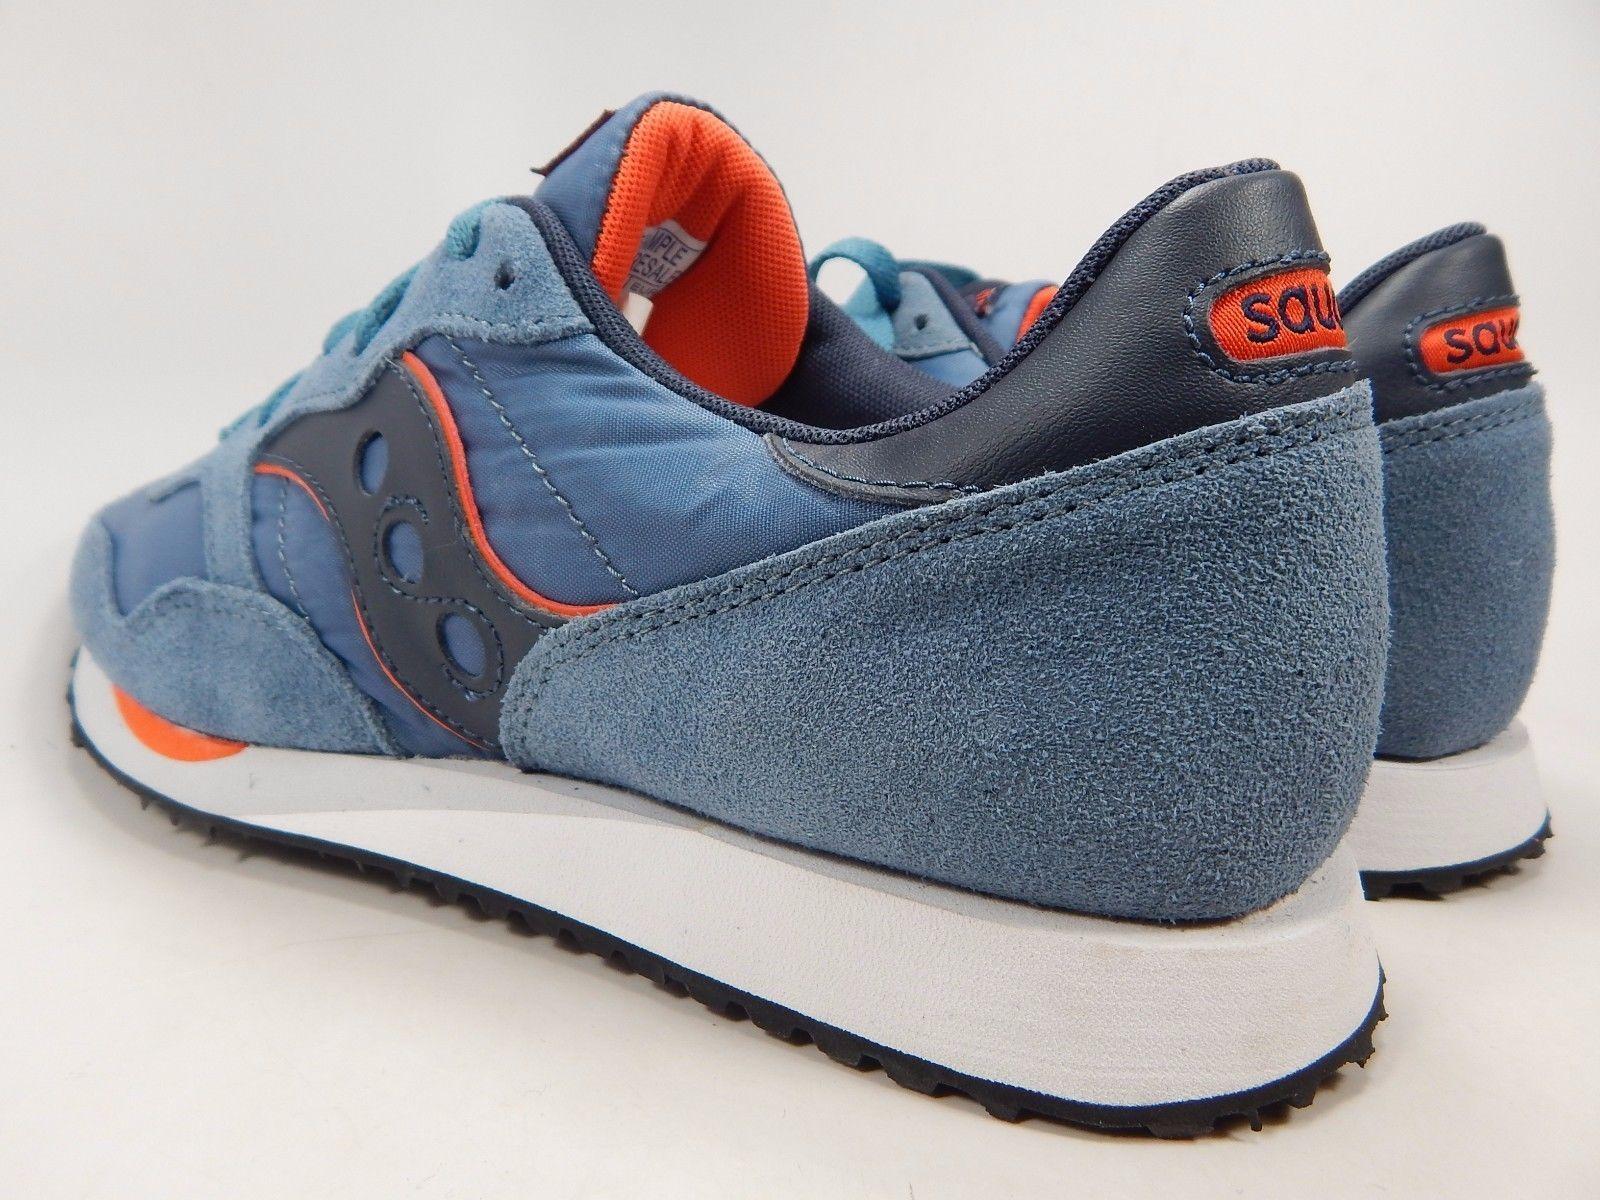 Saucony Original DXN Trainer Men's Shoes Size US 9 M (D) EU 42.5 Blue S70124-16